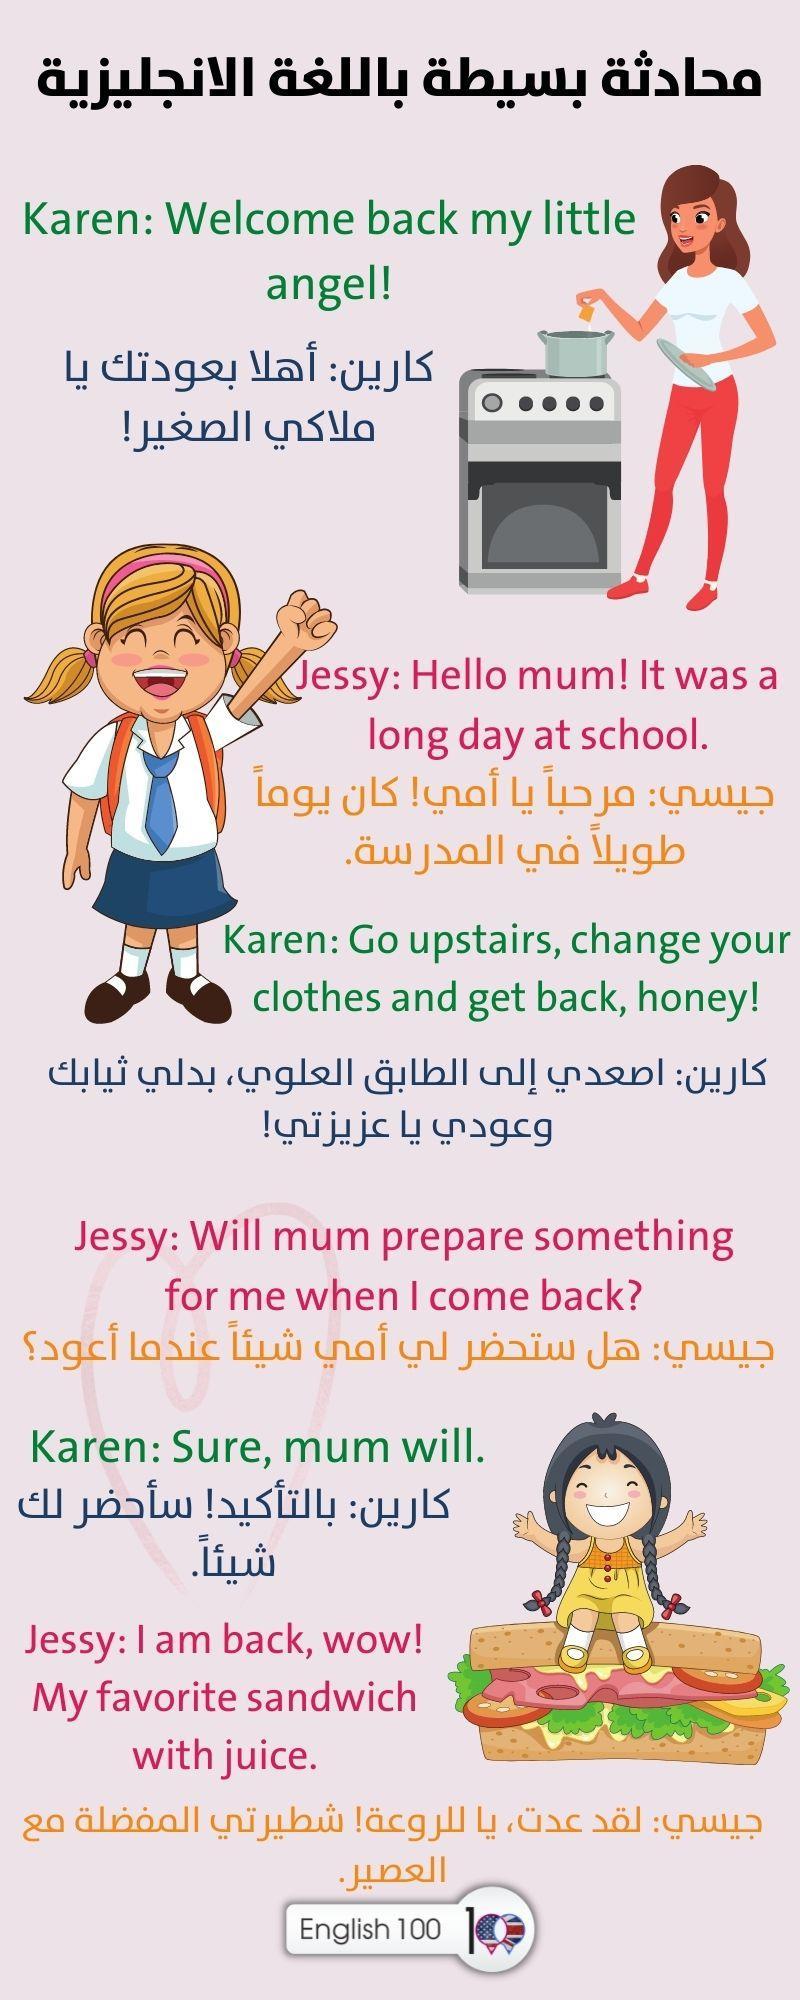 محادثة بسيطة باللغة الانجليزية Simple Conversation in English